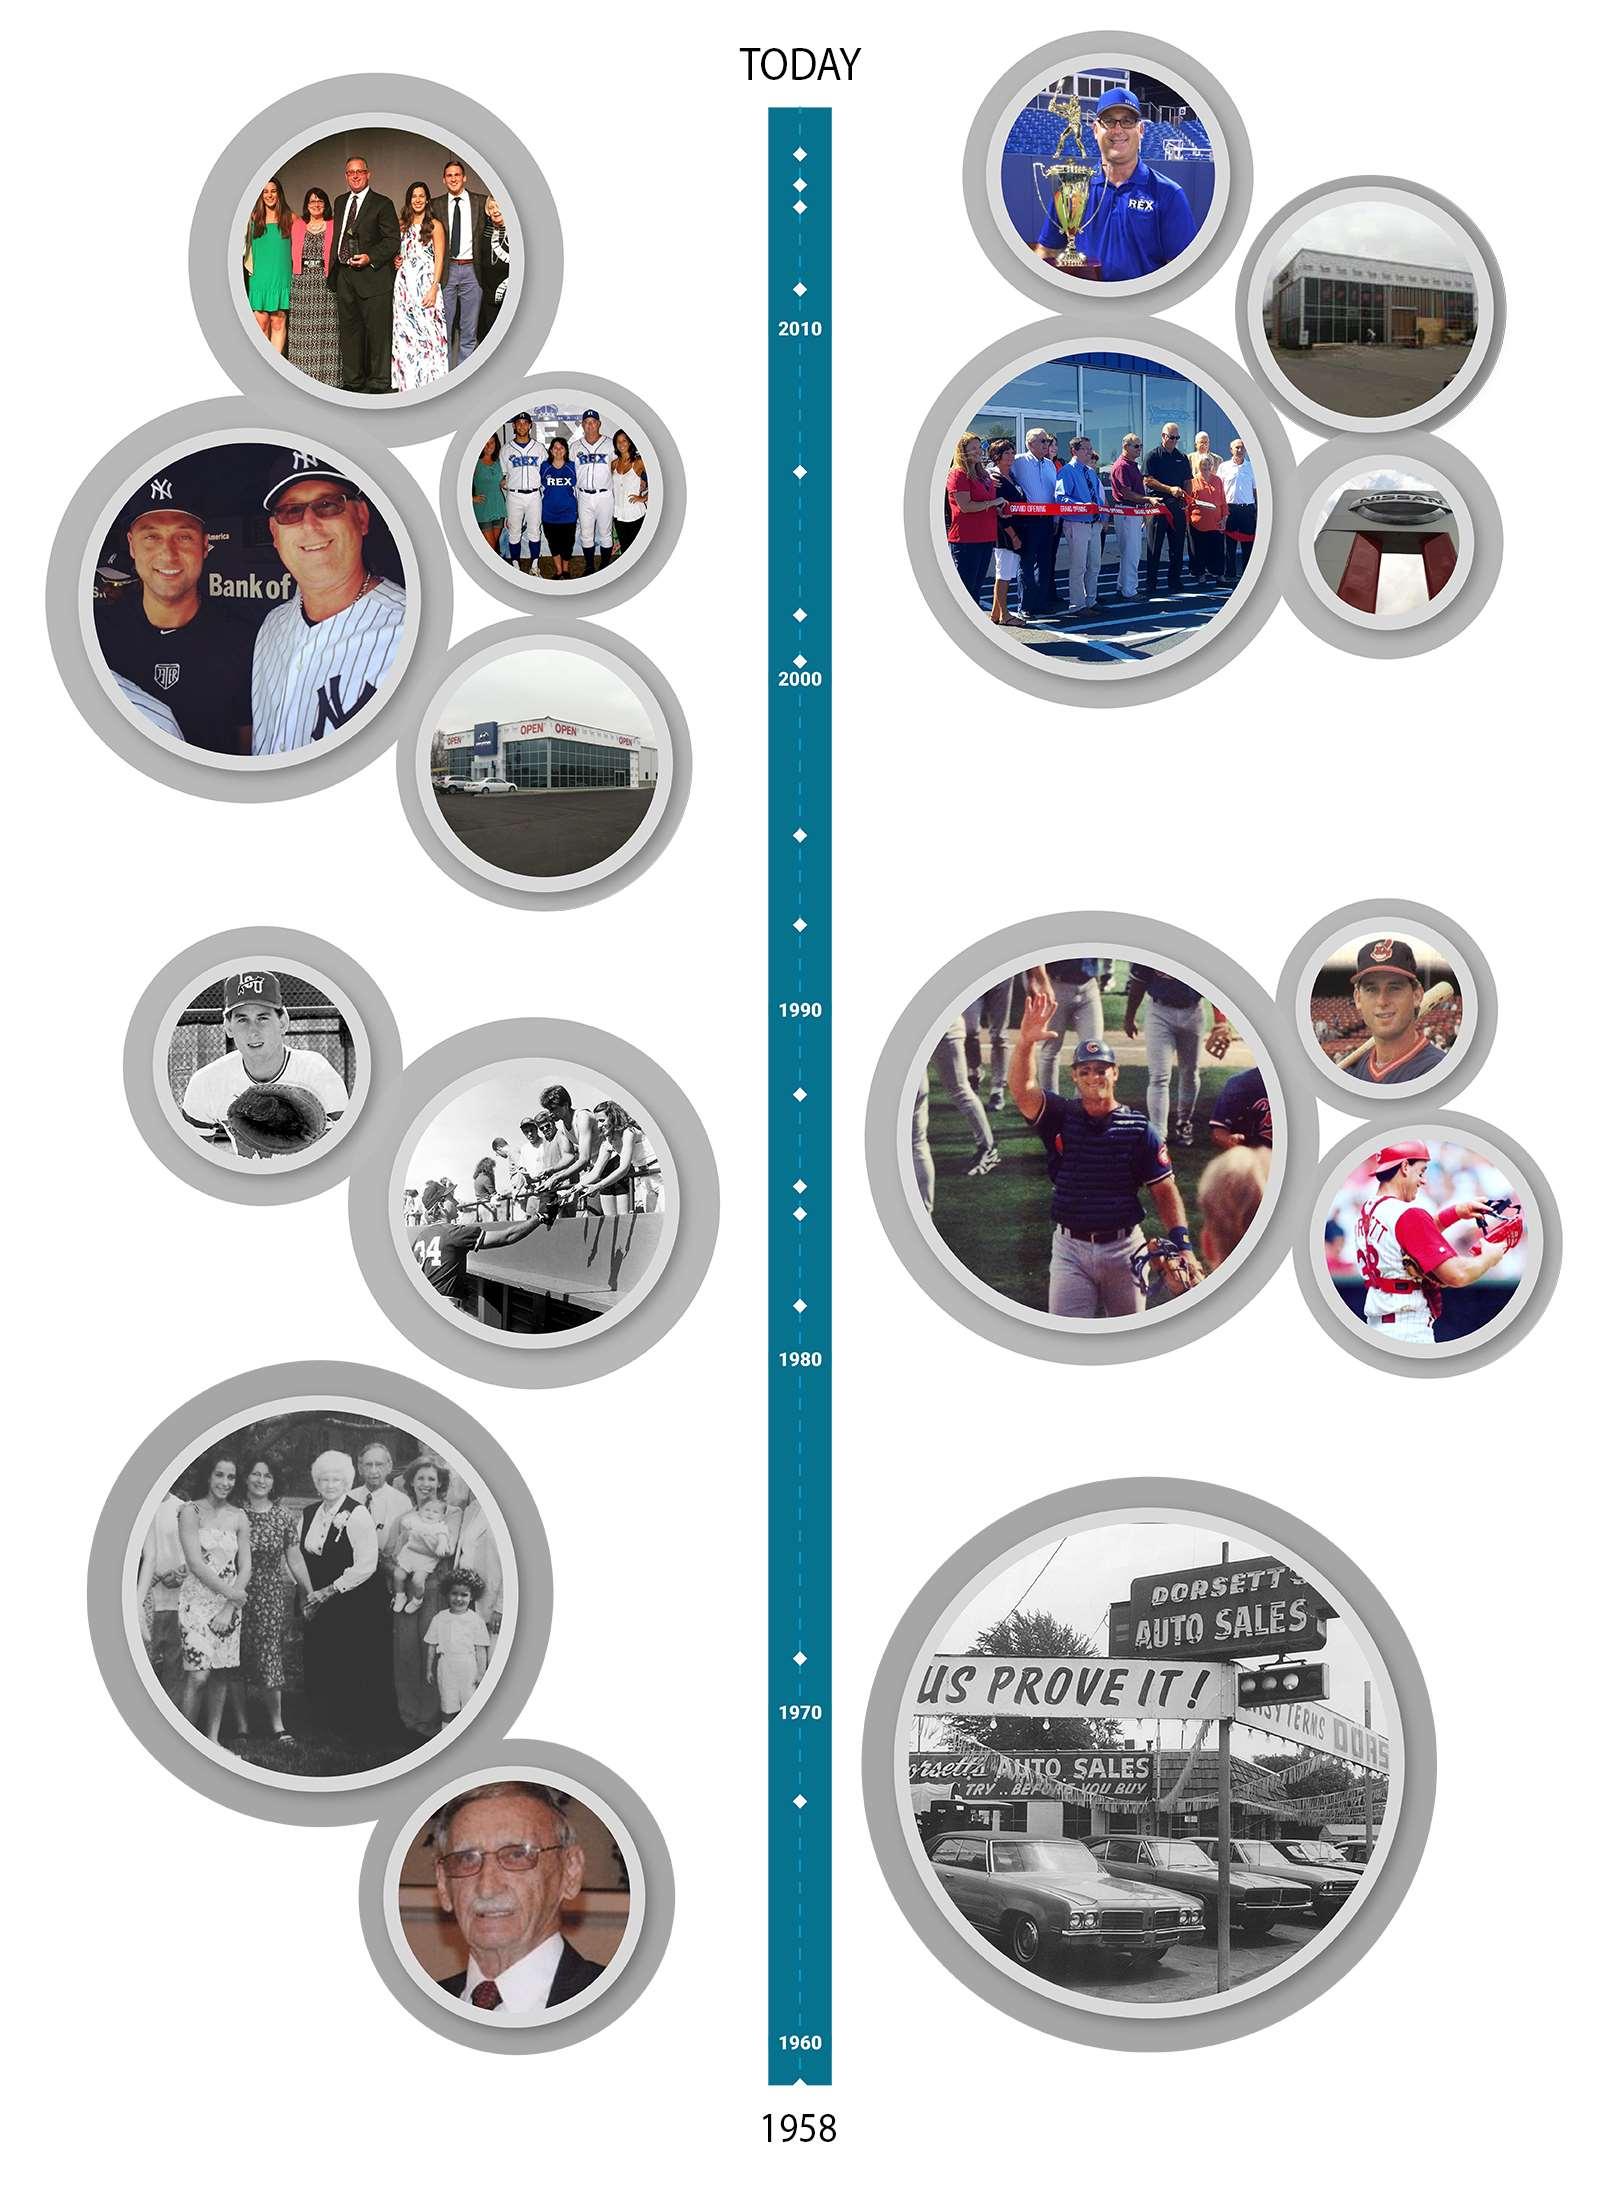 Dorsett Auto Group timeline of photos